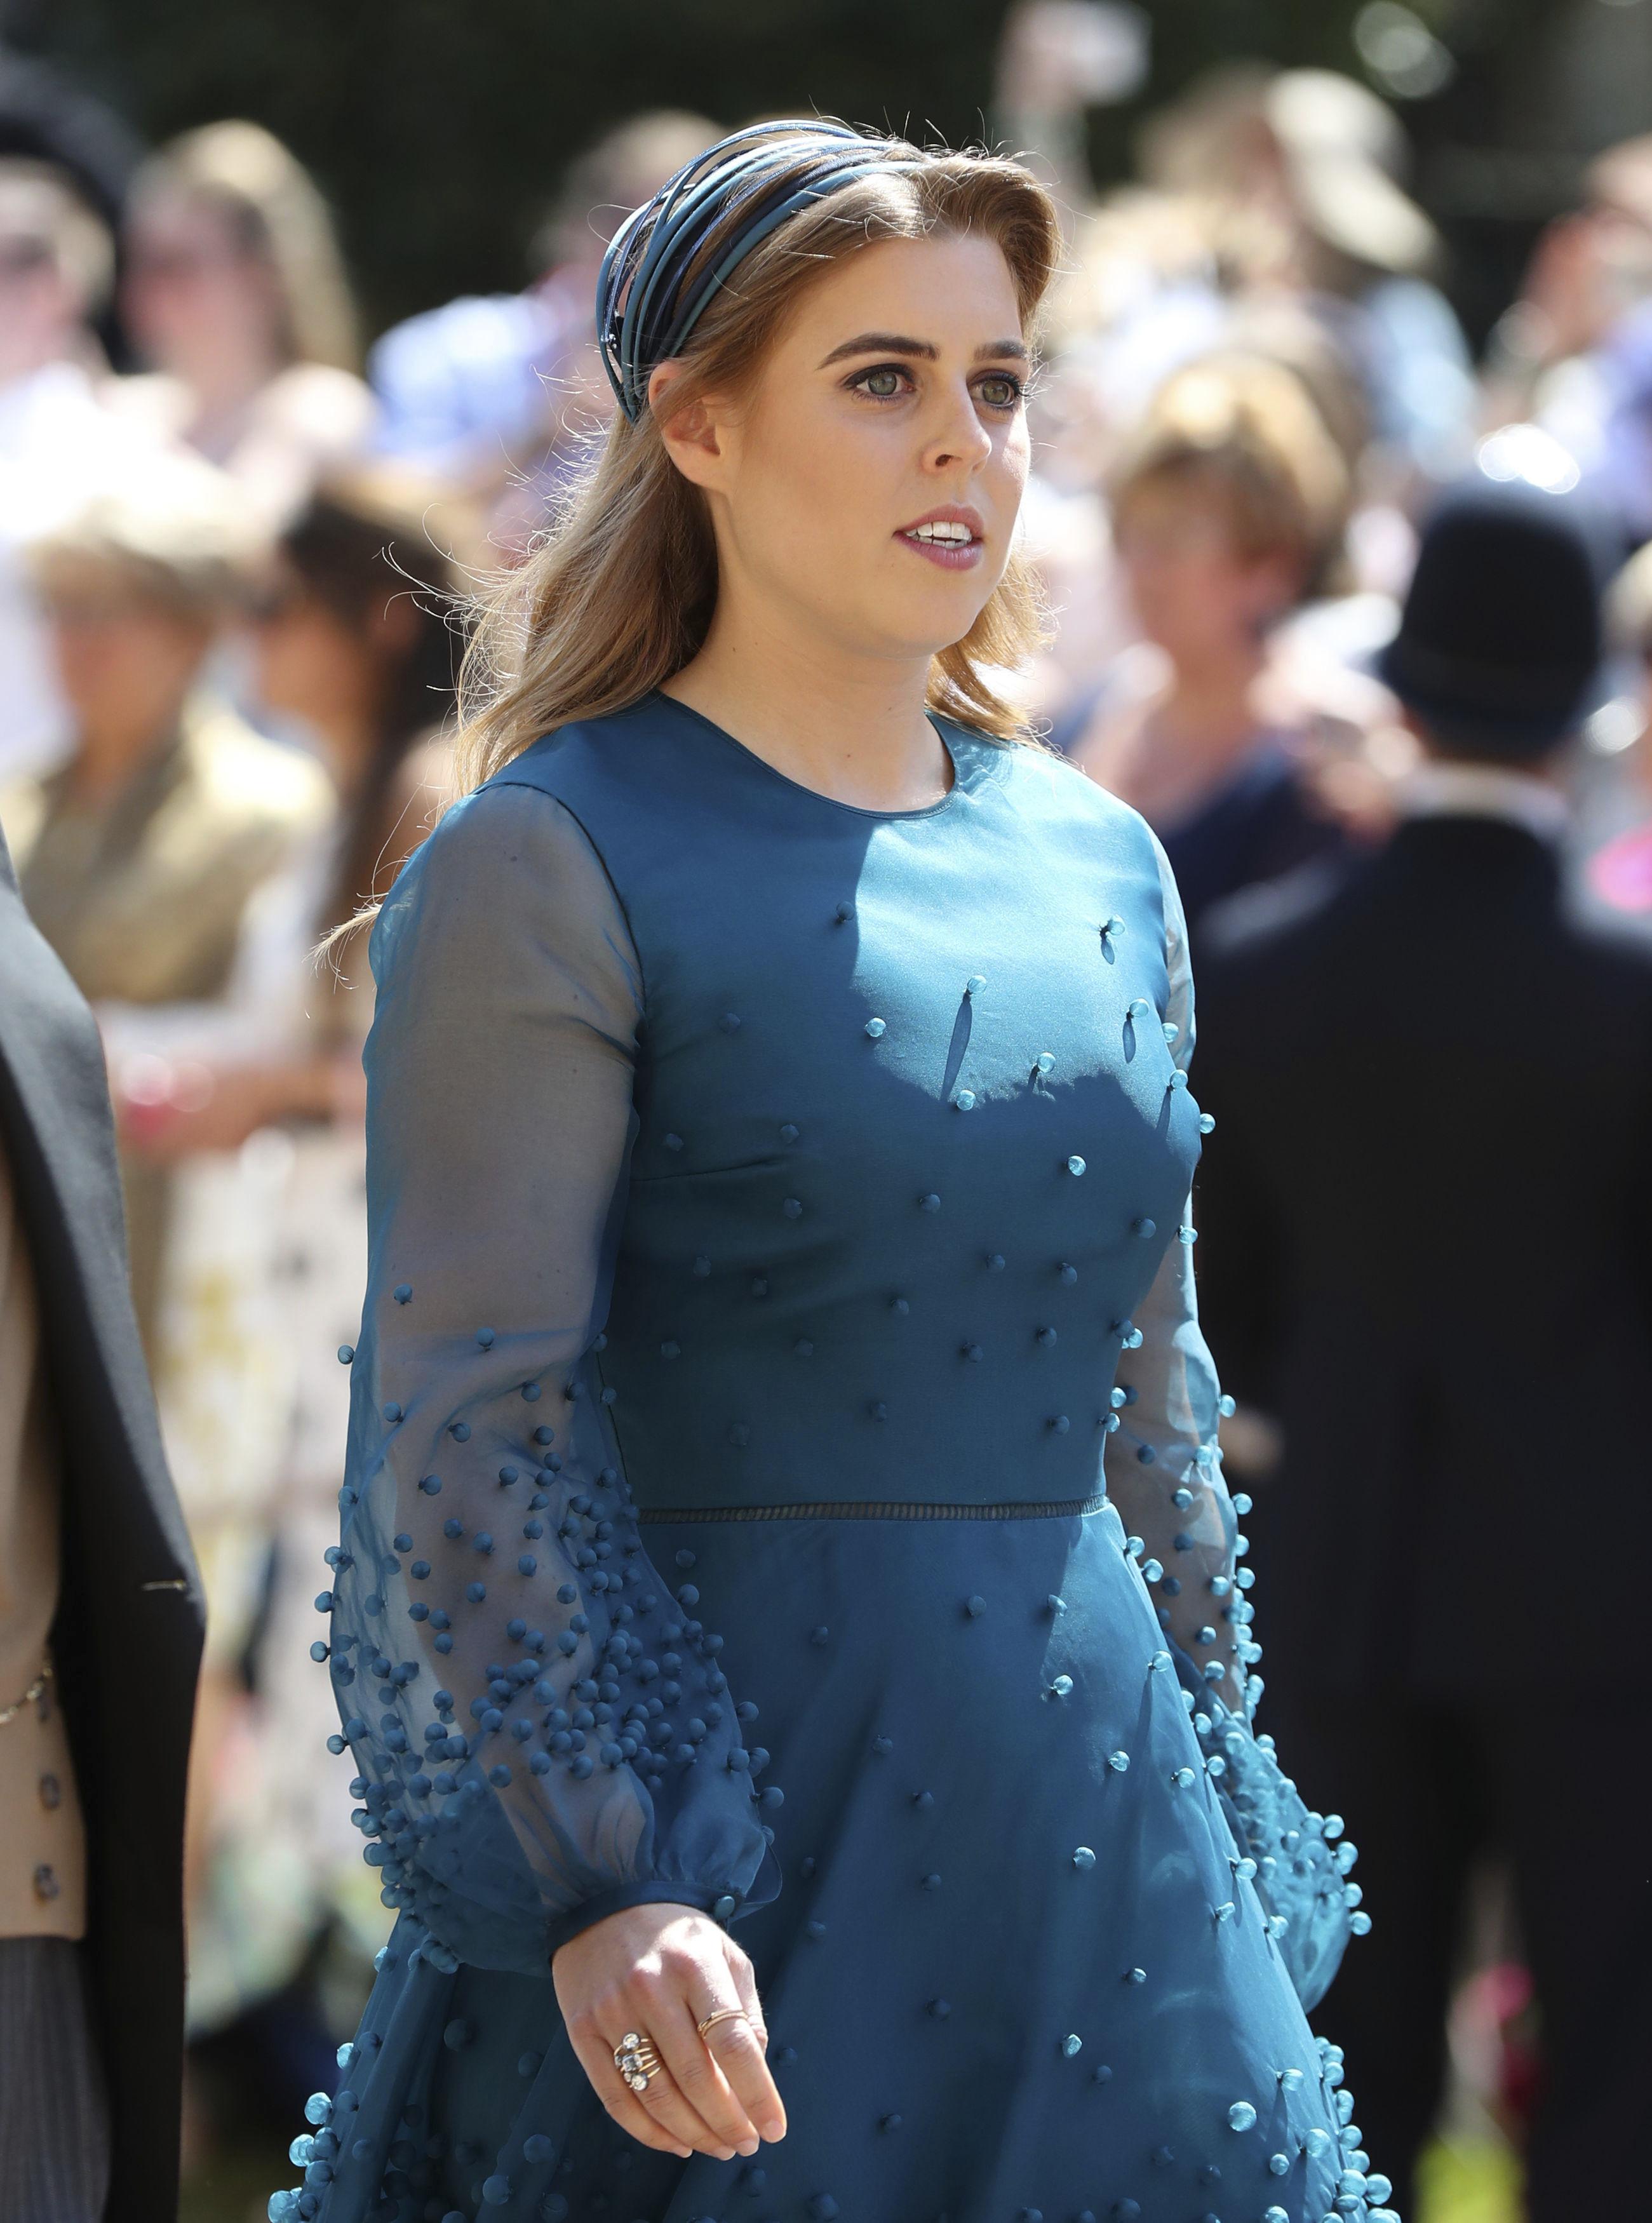 La princesa Beatrice con un tocado discreto y delicado para la boda de Harry y Meghan. (Foto: AP)